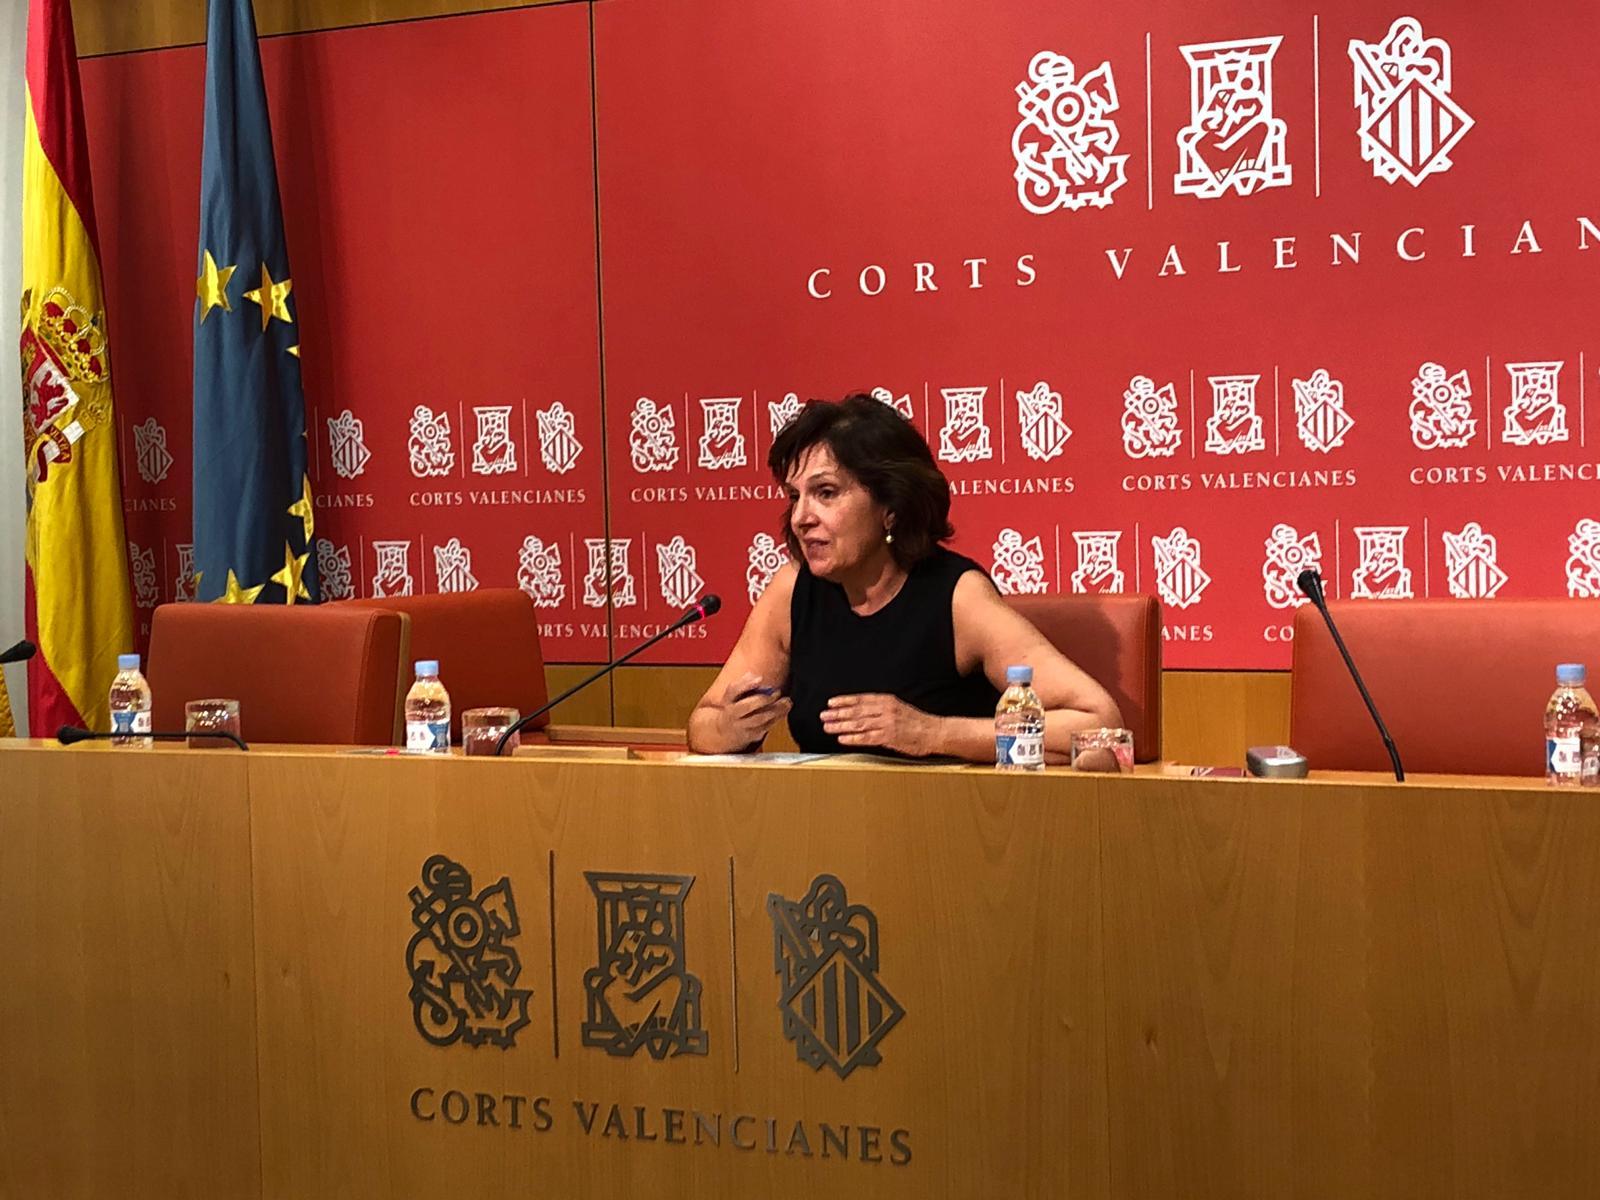 """Carmen Martínez retrau al PPCV la seua """"gran irresponsabilitat encoratjant l'alarmisme en la societat amb un tema tan sensible com el coronavirus"""""""